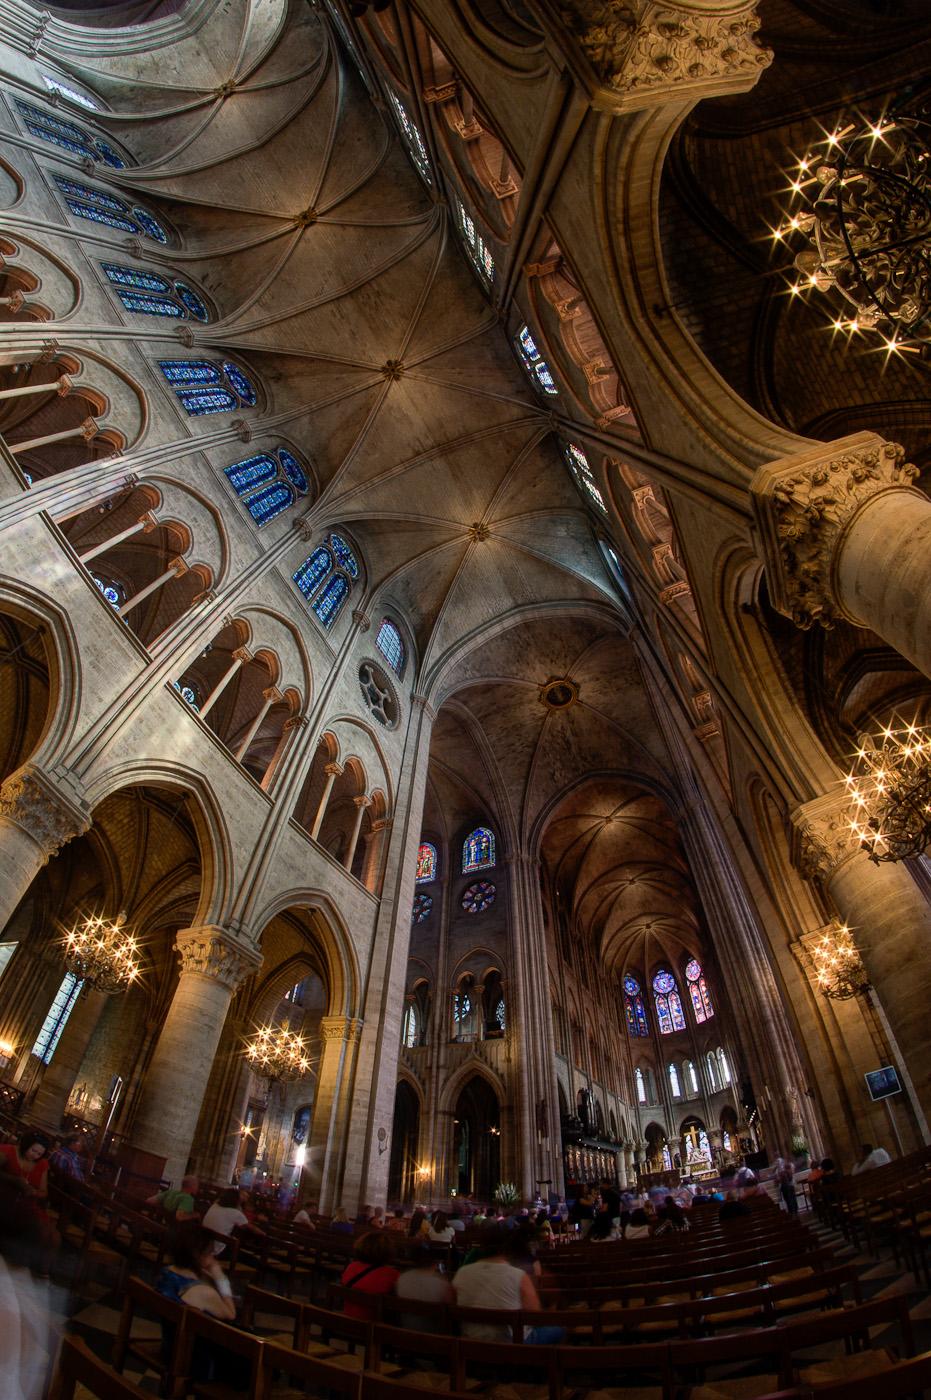 http://upload.wikimedia.org/wikipedia/commons/9/9a/Int%C3%A9rieur_de_la_Cath%C3%A9drale_Notre_Dame_de_Paris.jpg